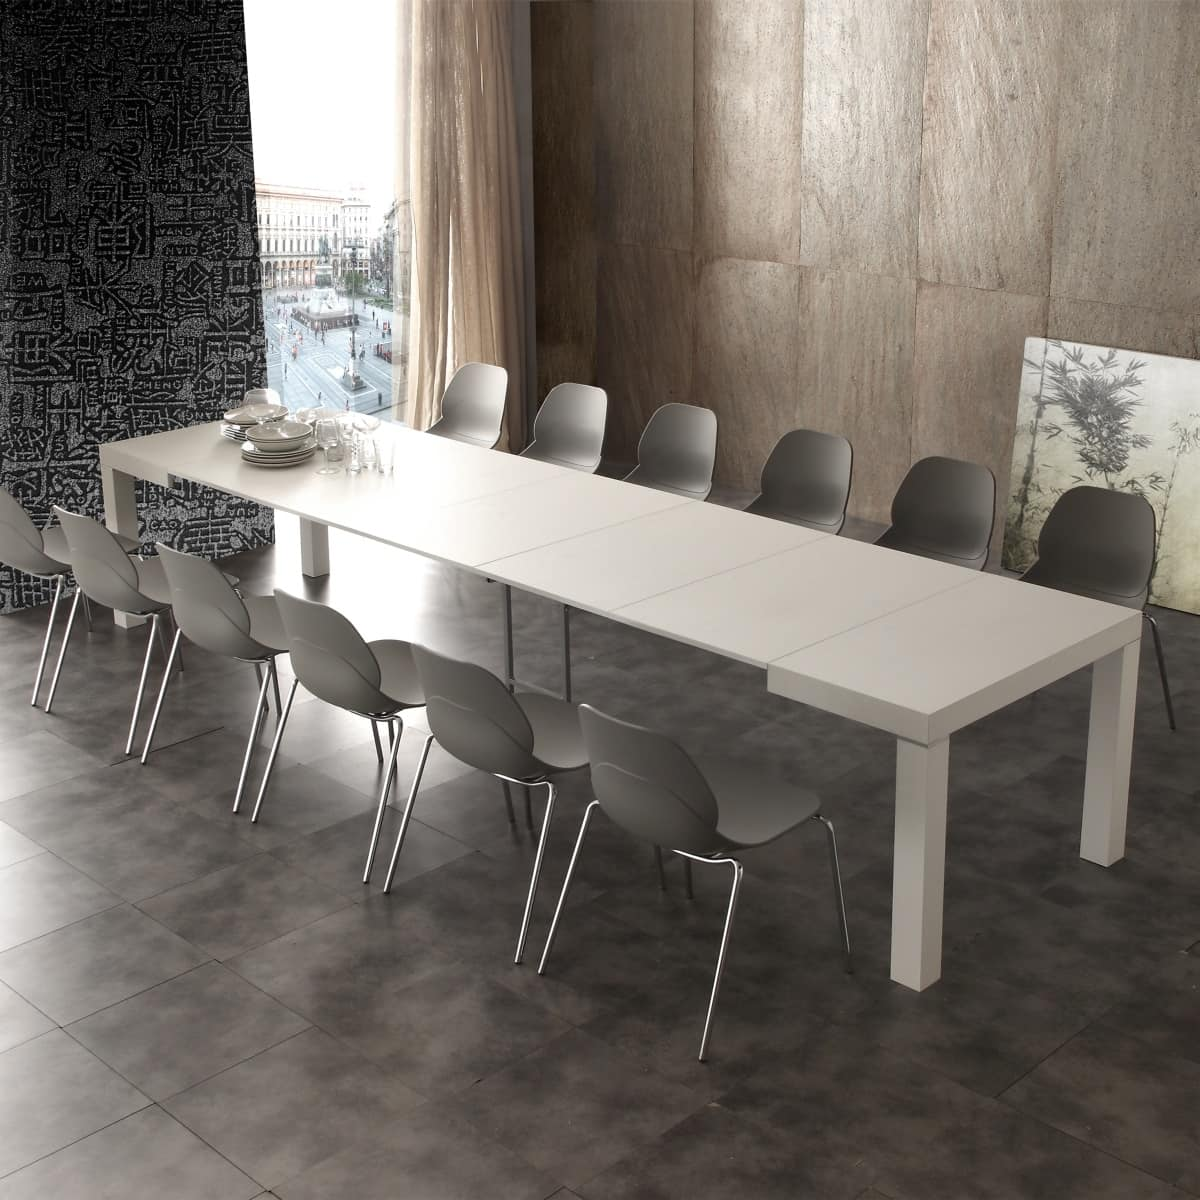 Tavolo allungabile con varie allunghe in legno idfdesign - Tavoli da sala allungabili ...